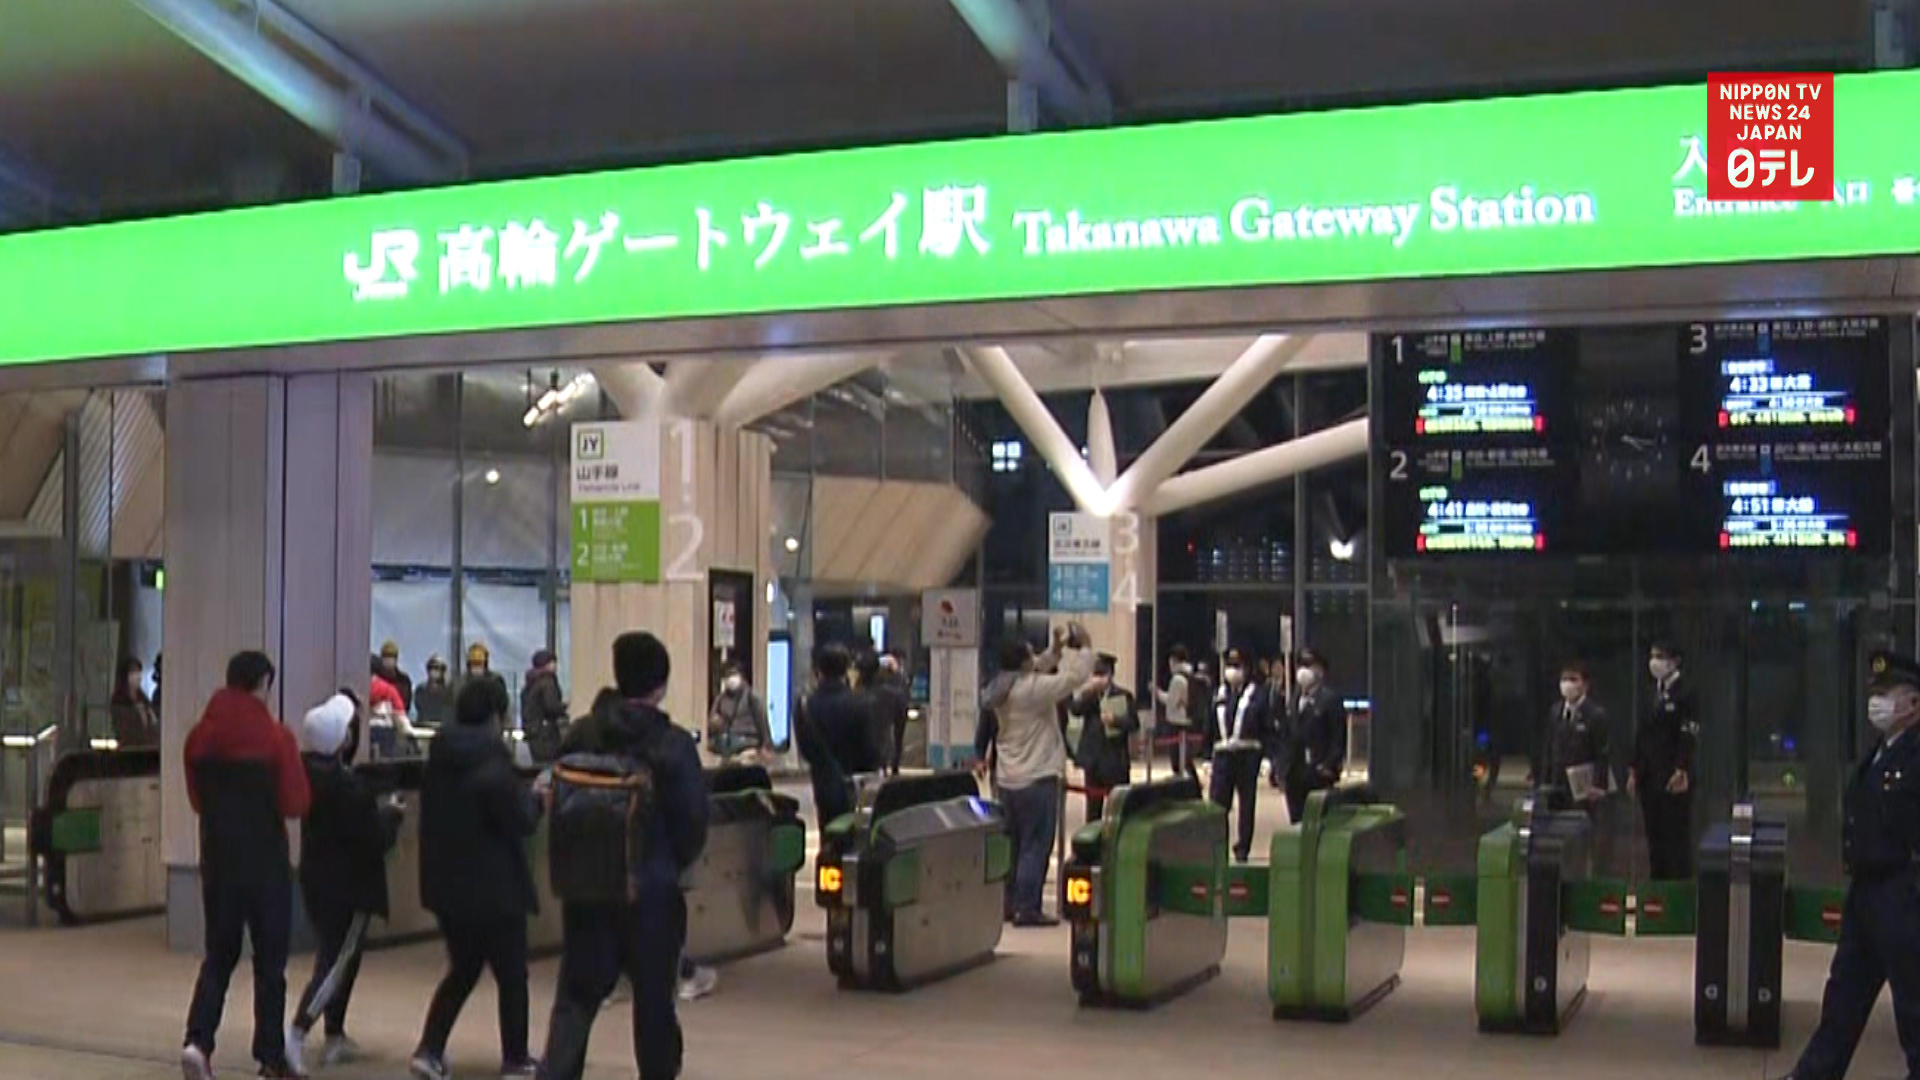 Takanawa Gateway Station opens